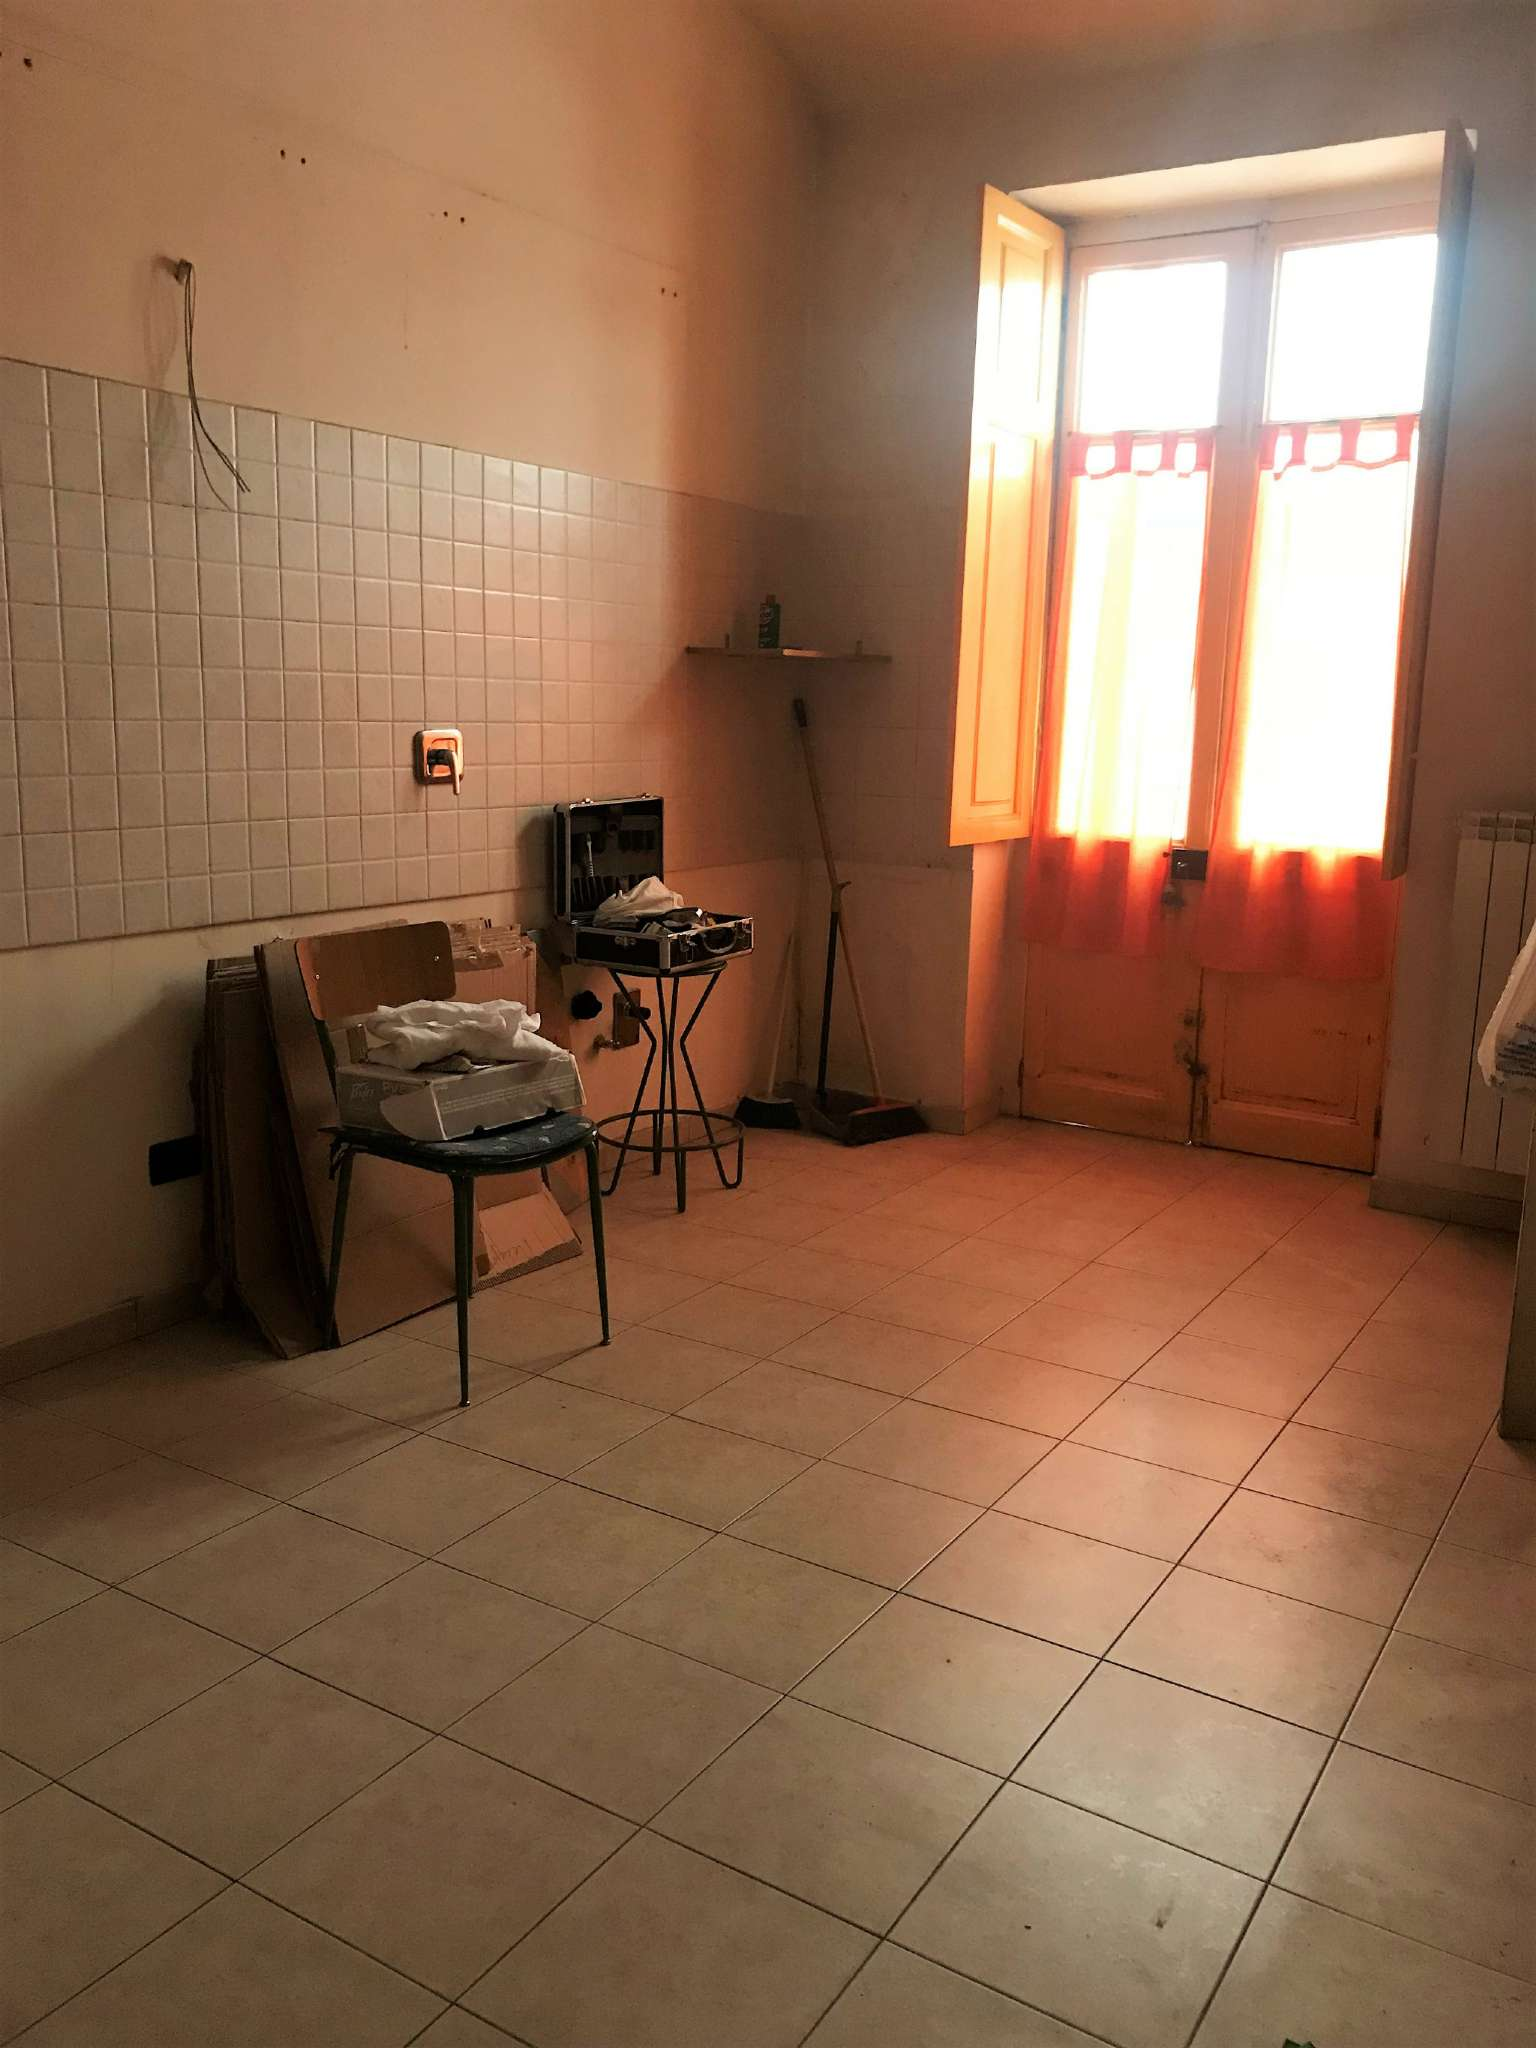 Appartamento in vendita Zona Valdocco, Aurora - via sassari 13 Torino